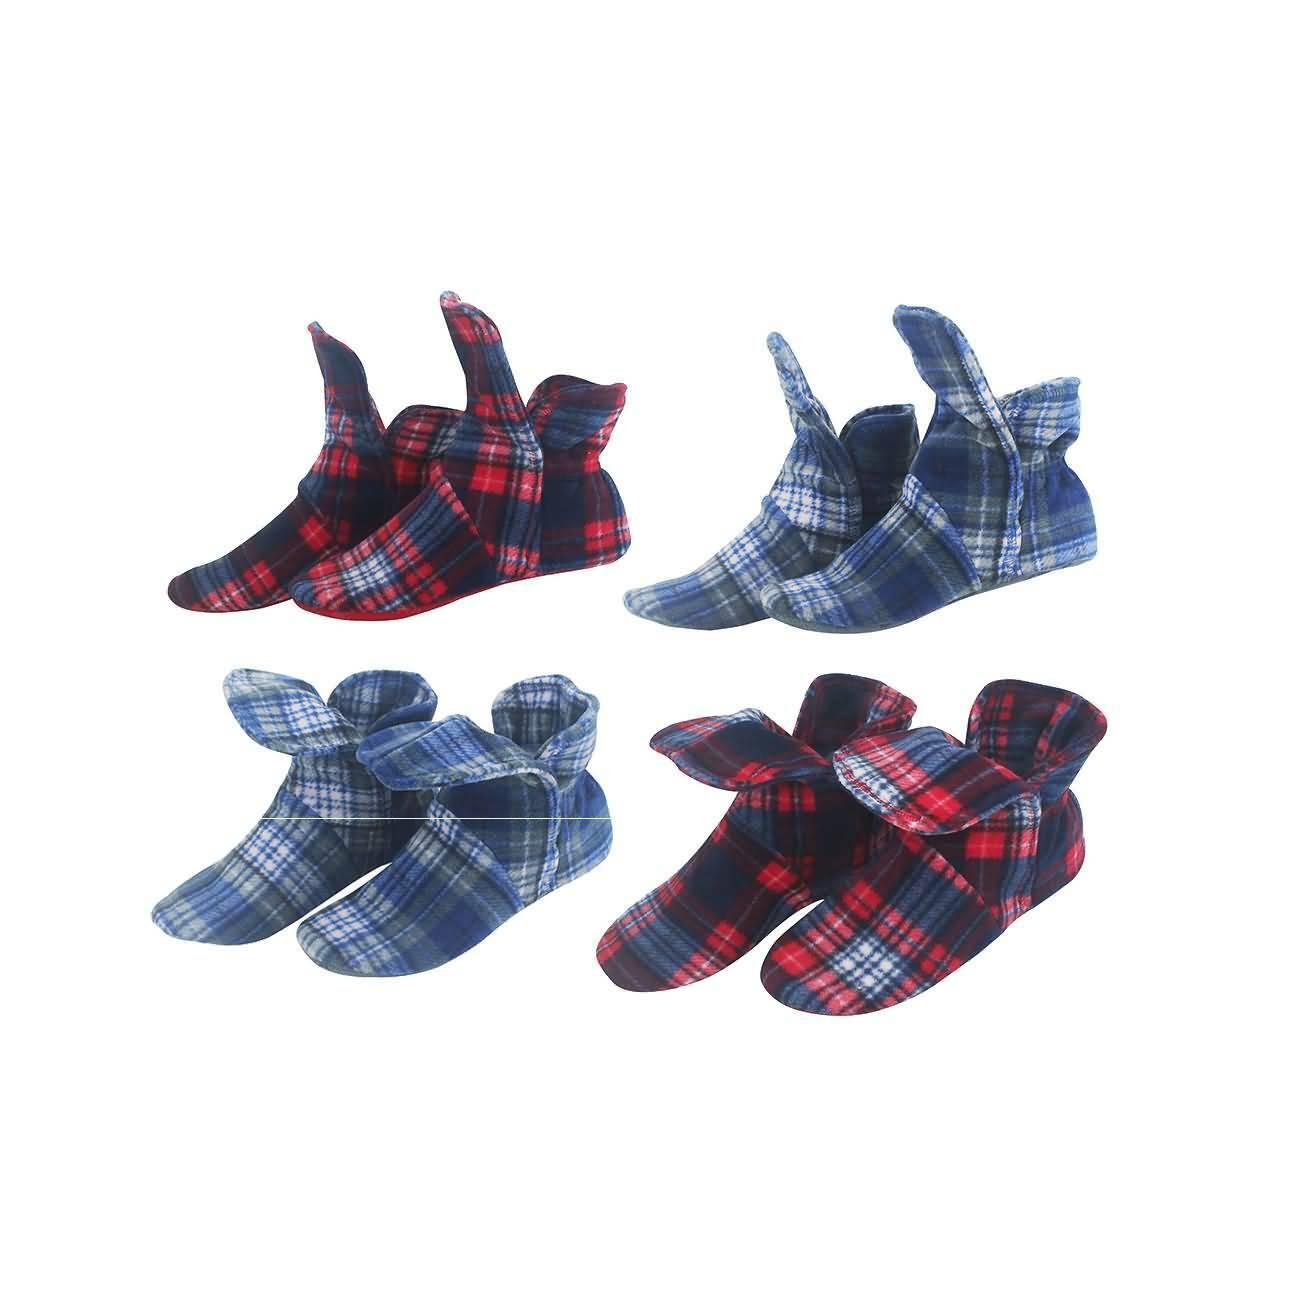 Hausschuhe Damen Stiefel warm Hüttenschuhe Haussocken mit Rutschfeste Sohle